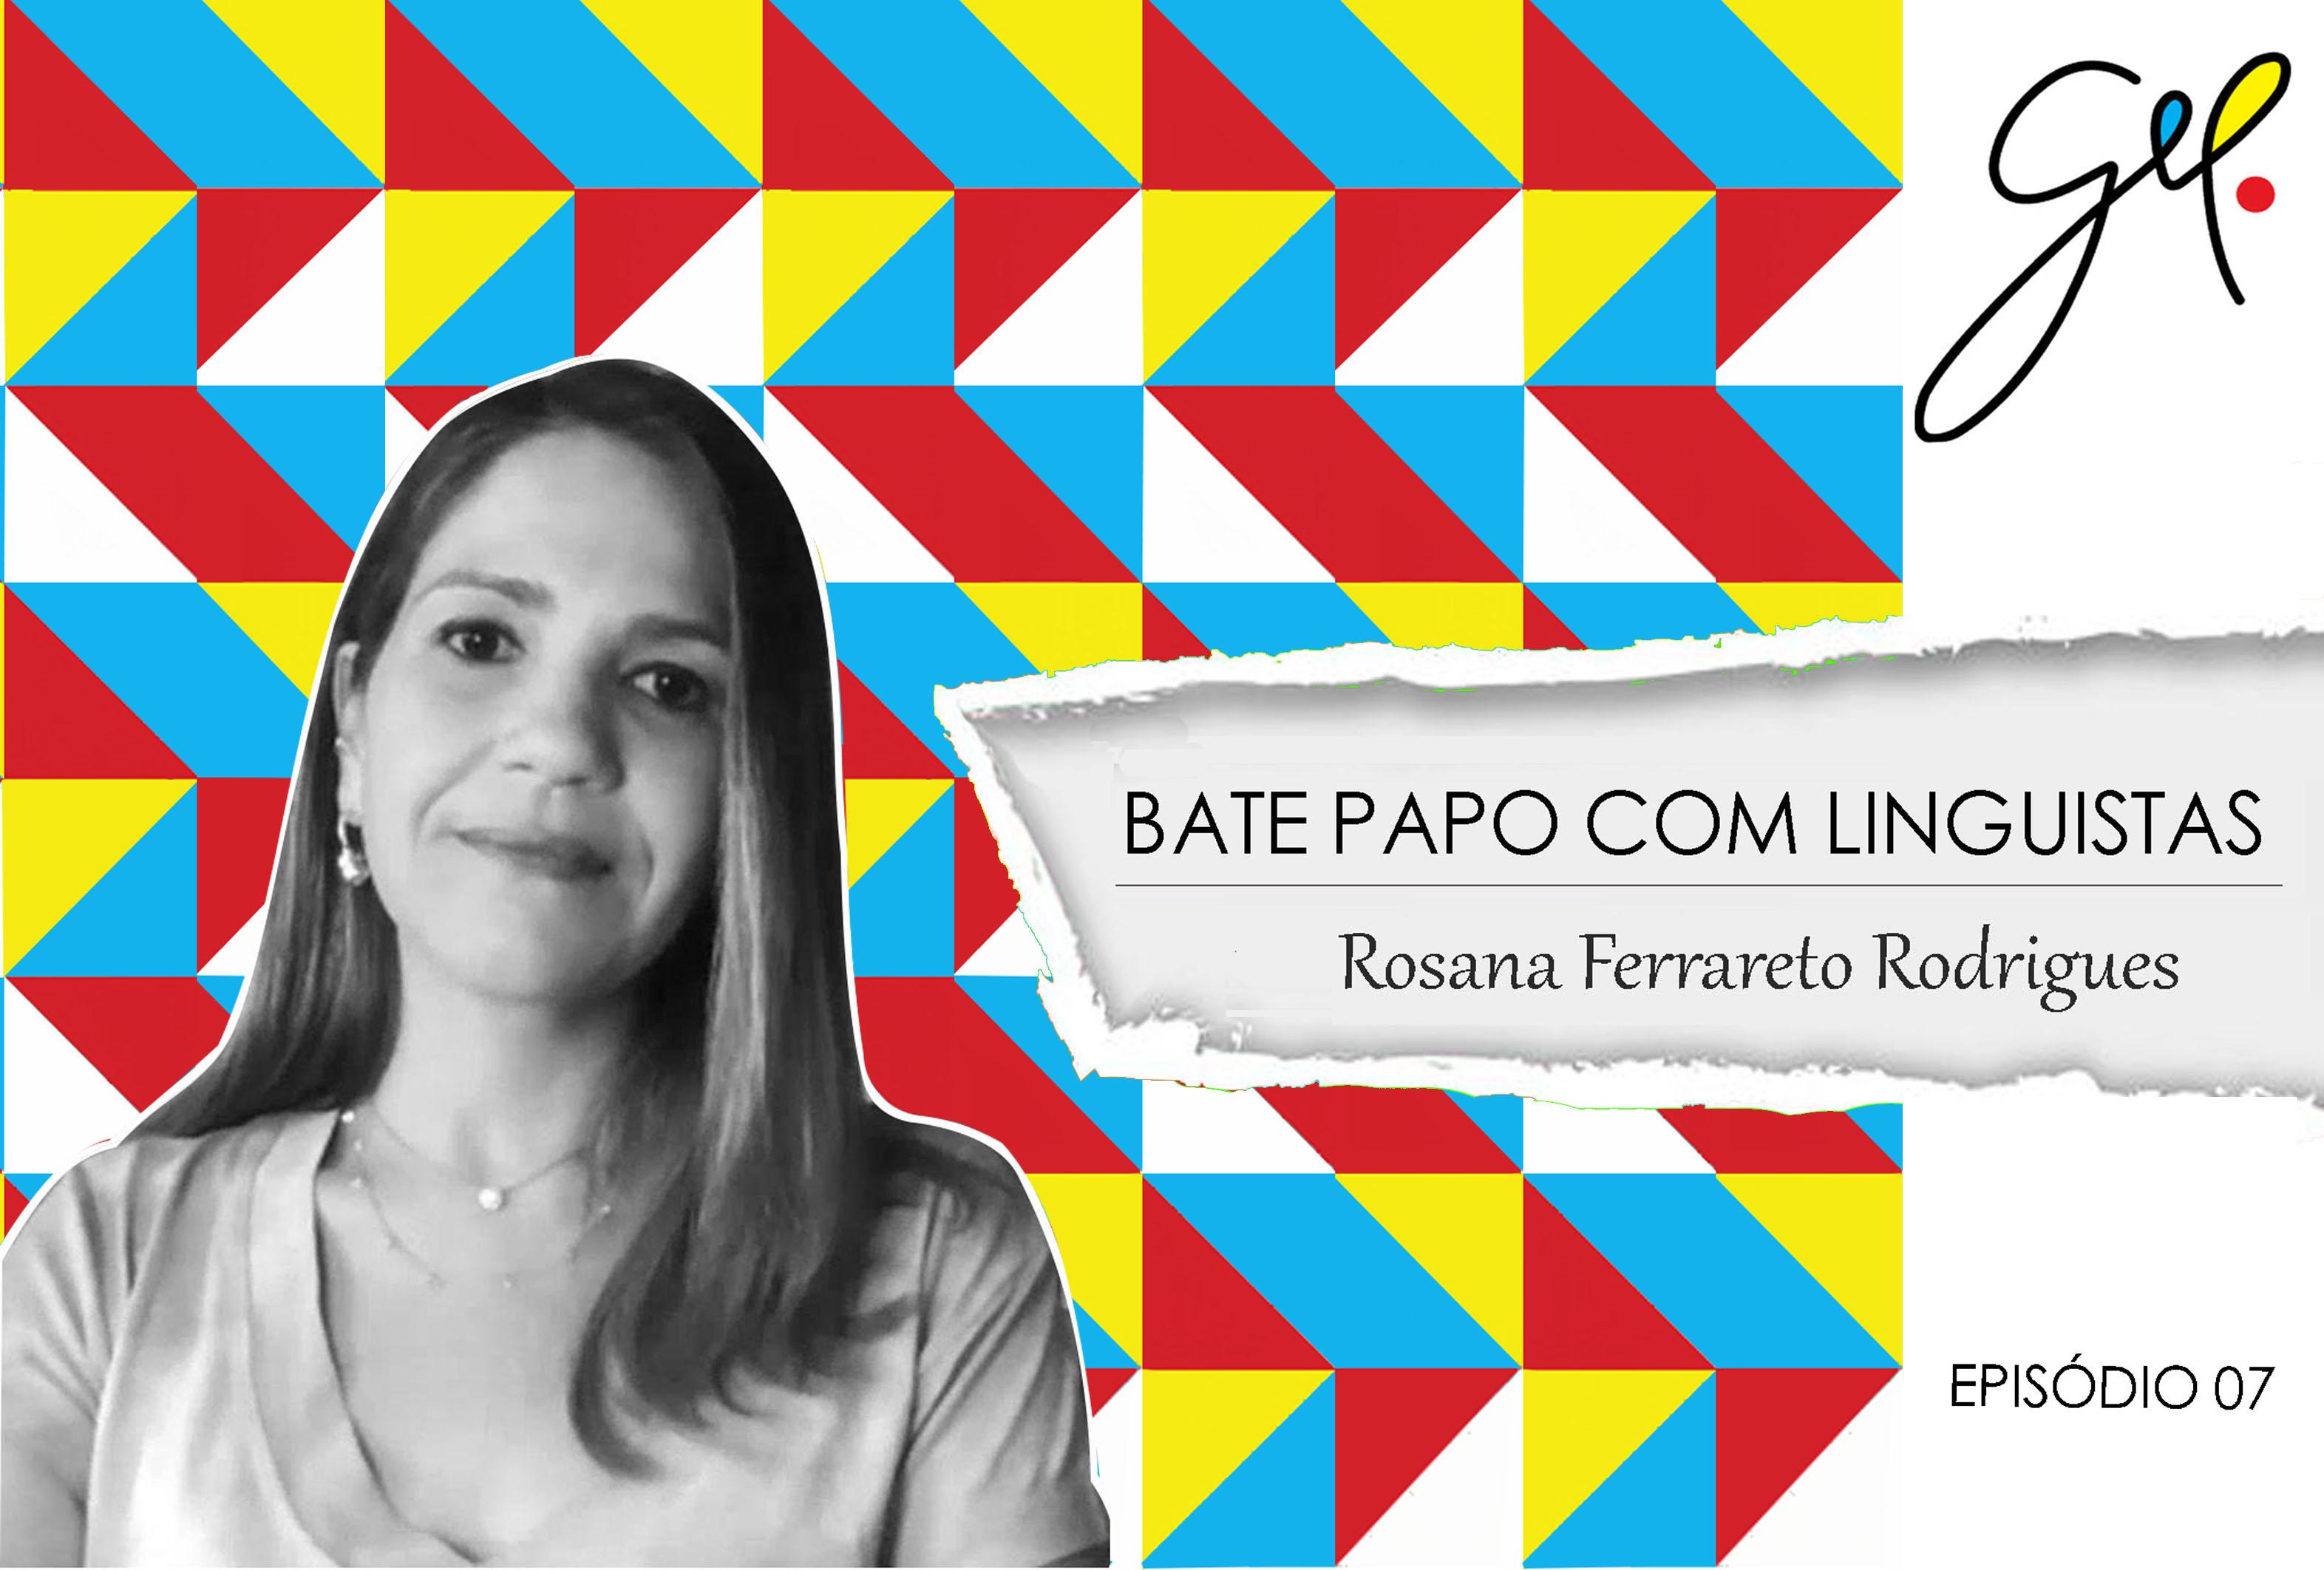 EP07 | Conversa com Rosana Ferrareto Lourenço Rodrigues